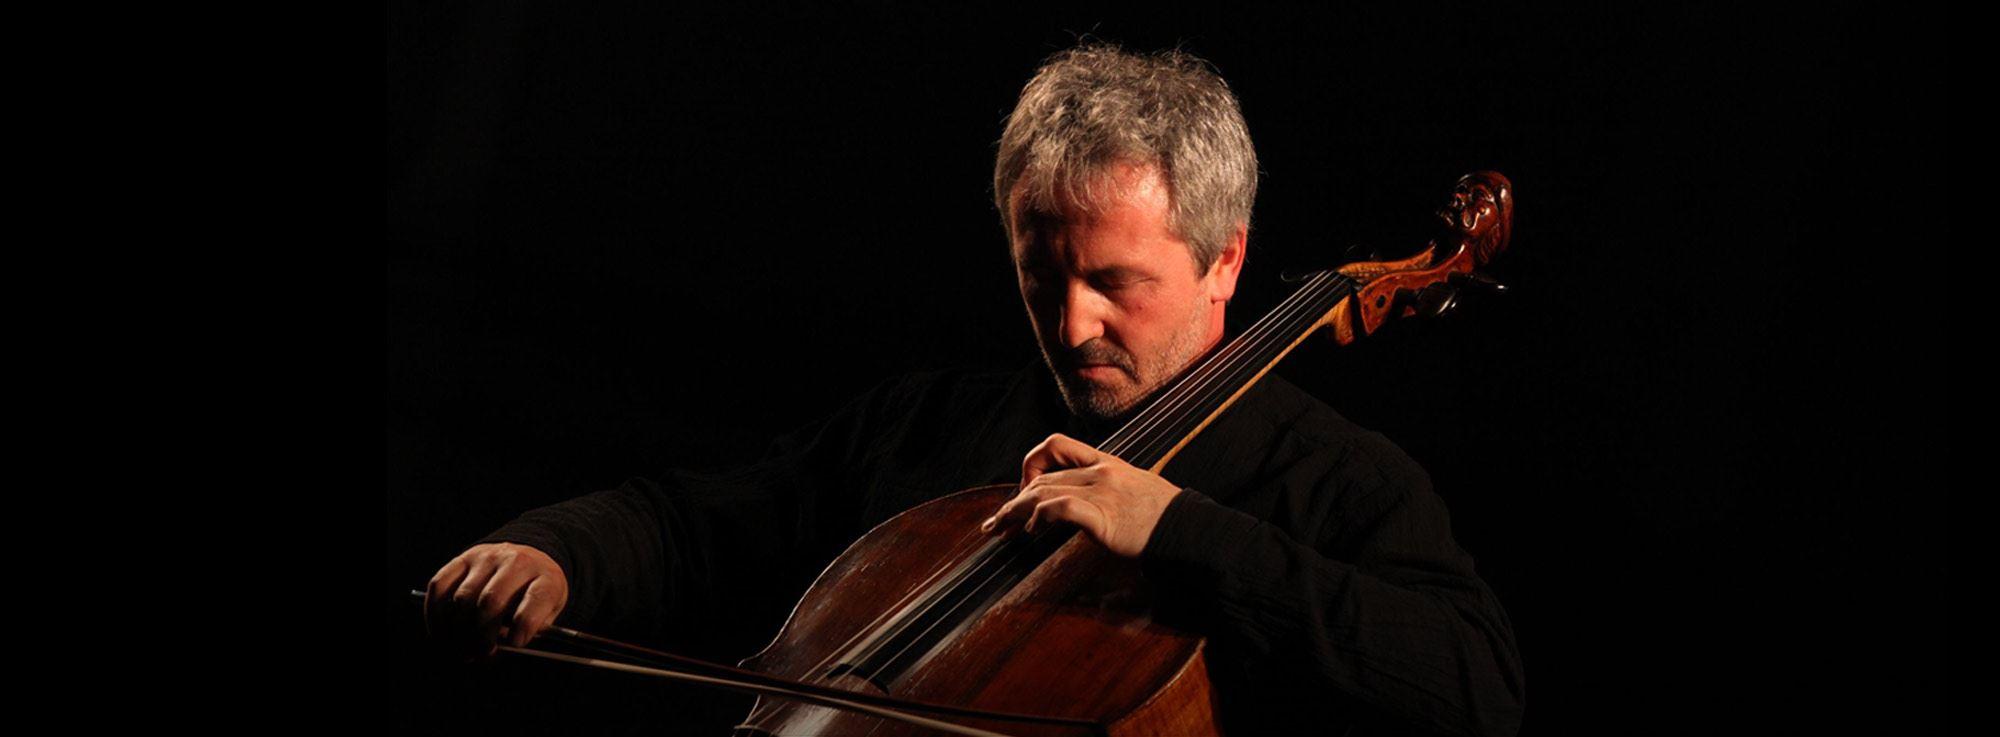 Taranto: Mario Brunello in concerto